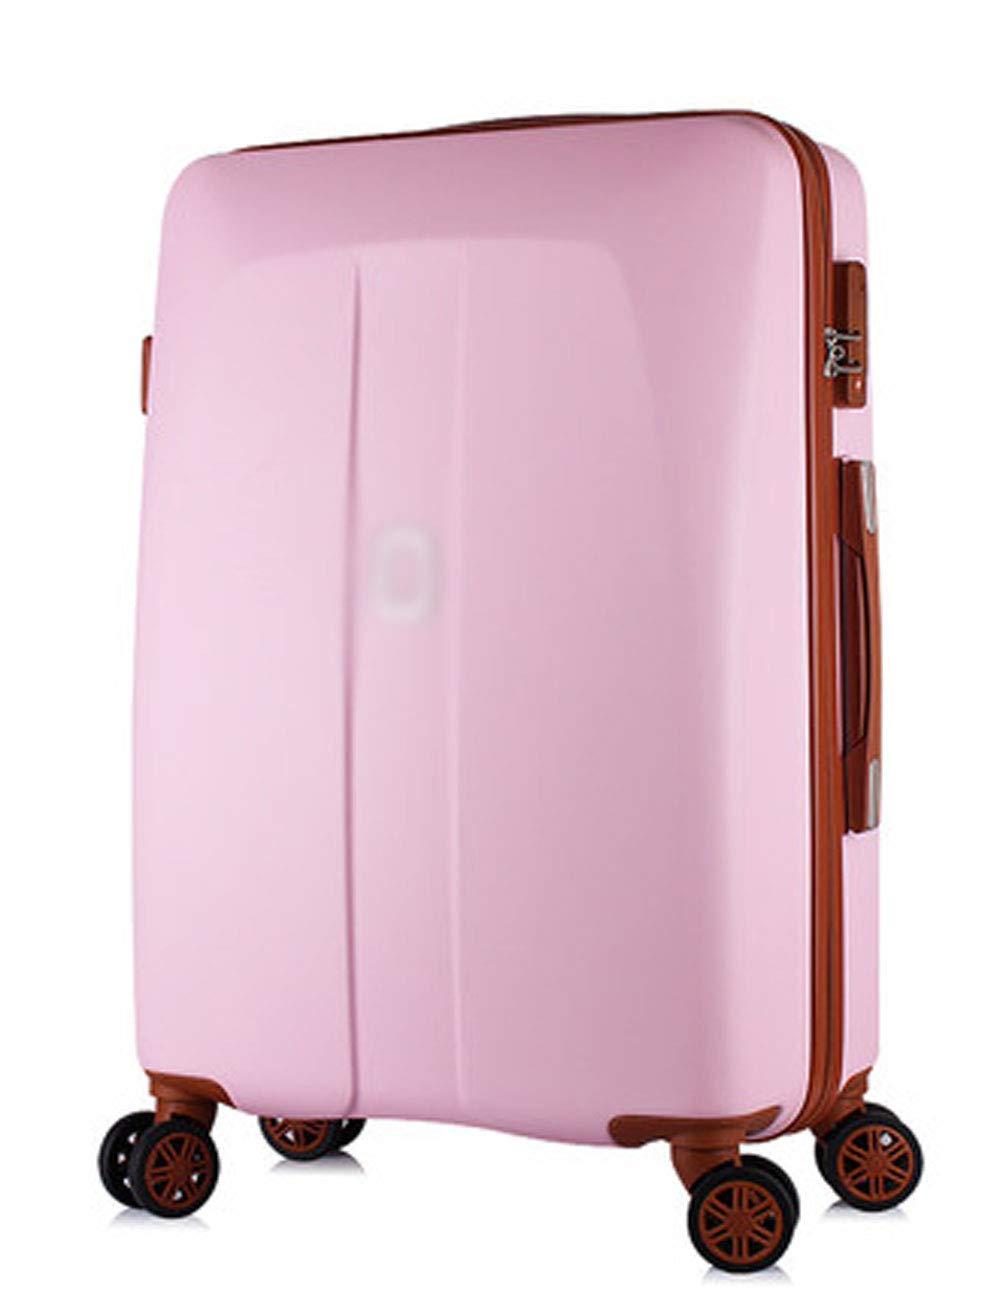 ビジネスに便利な4輪の荷物、ABS防水設計、360度の無音回転ホイール、シャシーに20インチのパスワード (色 : Pink)   B07GLQ8MJJ